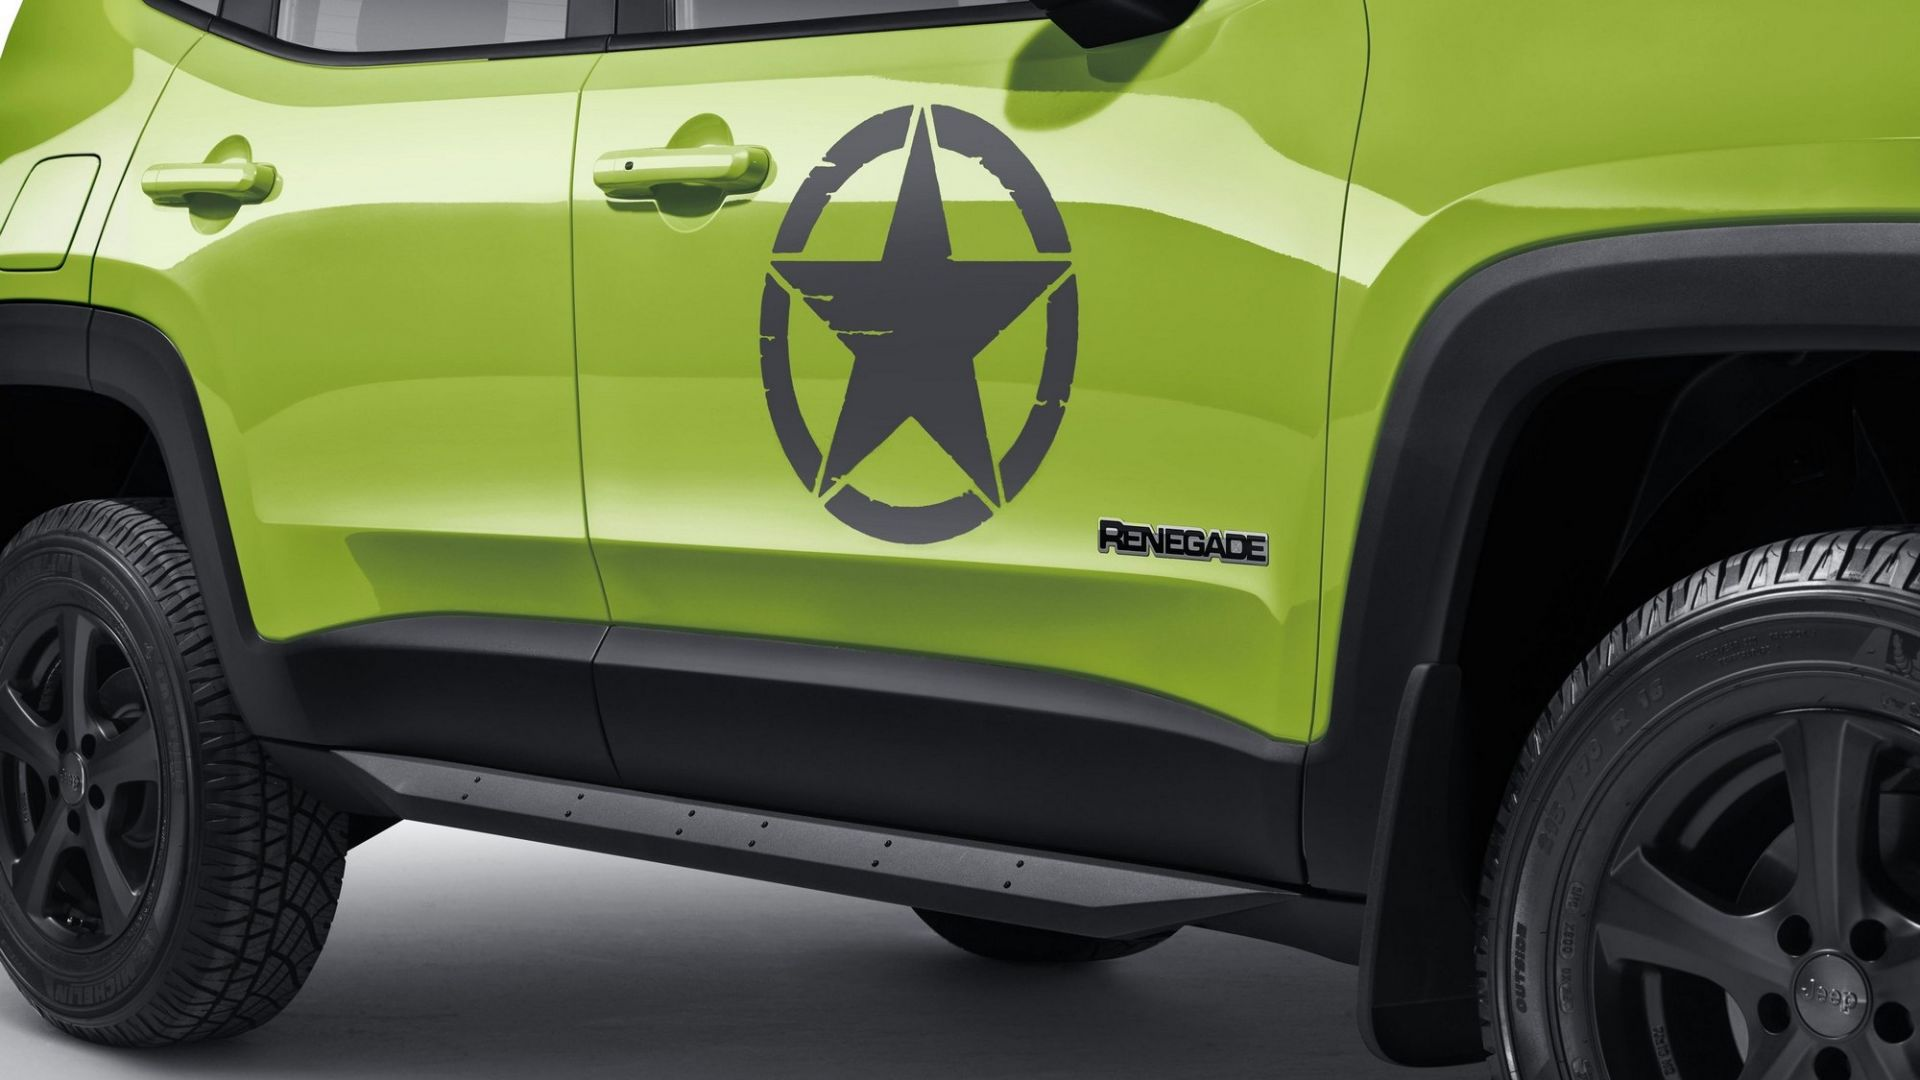 Jeep Renegade Limited >> Jeep Renegade by Mopar: più corazzata al salone di Ginevra 2018 - MotorBox